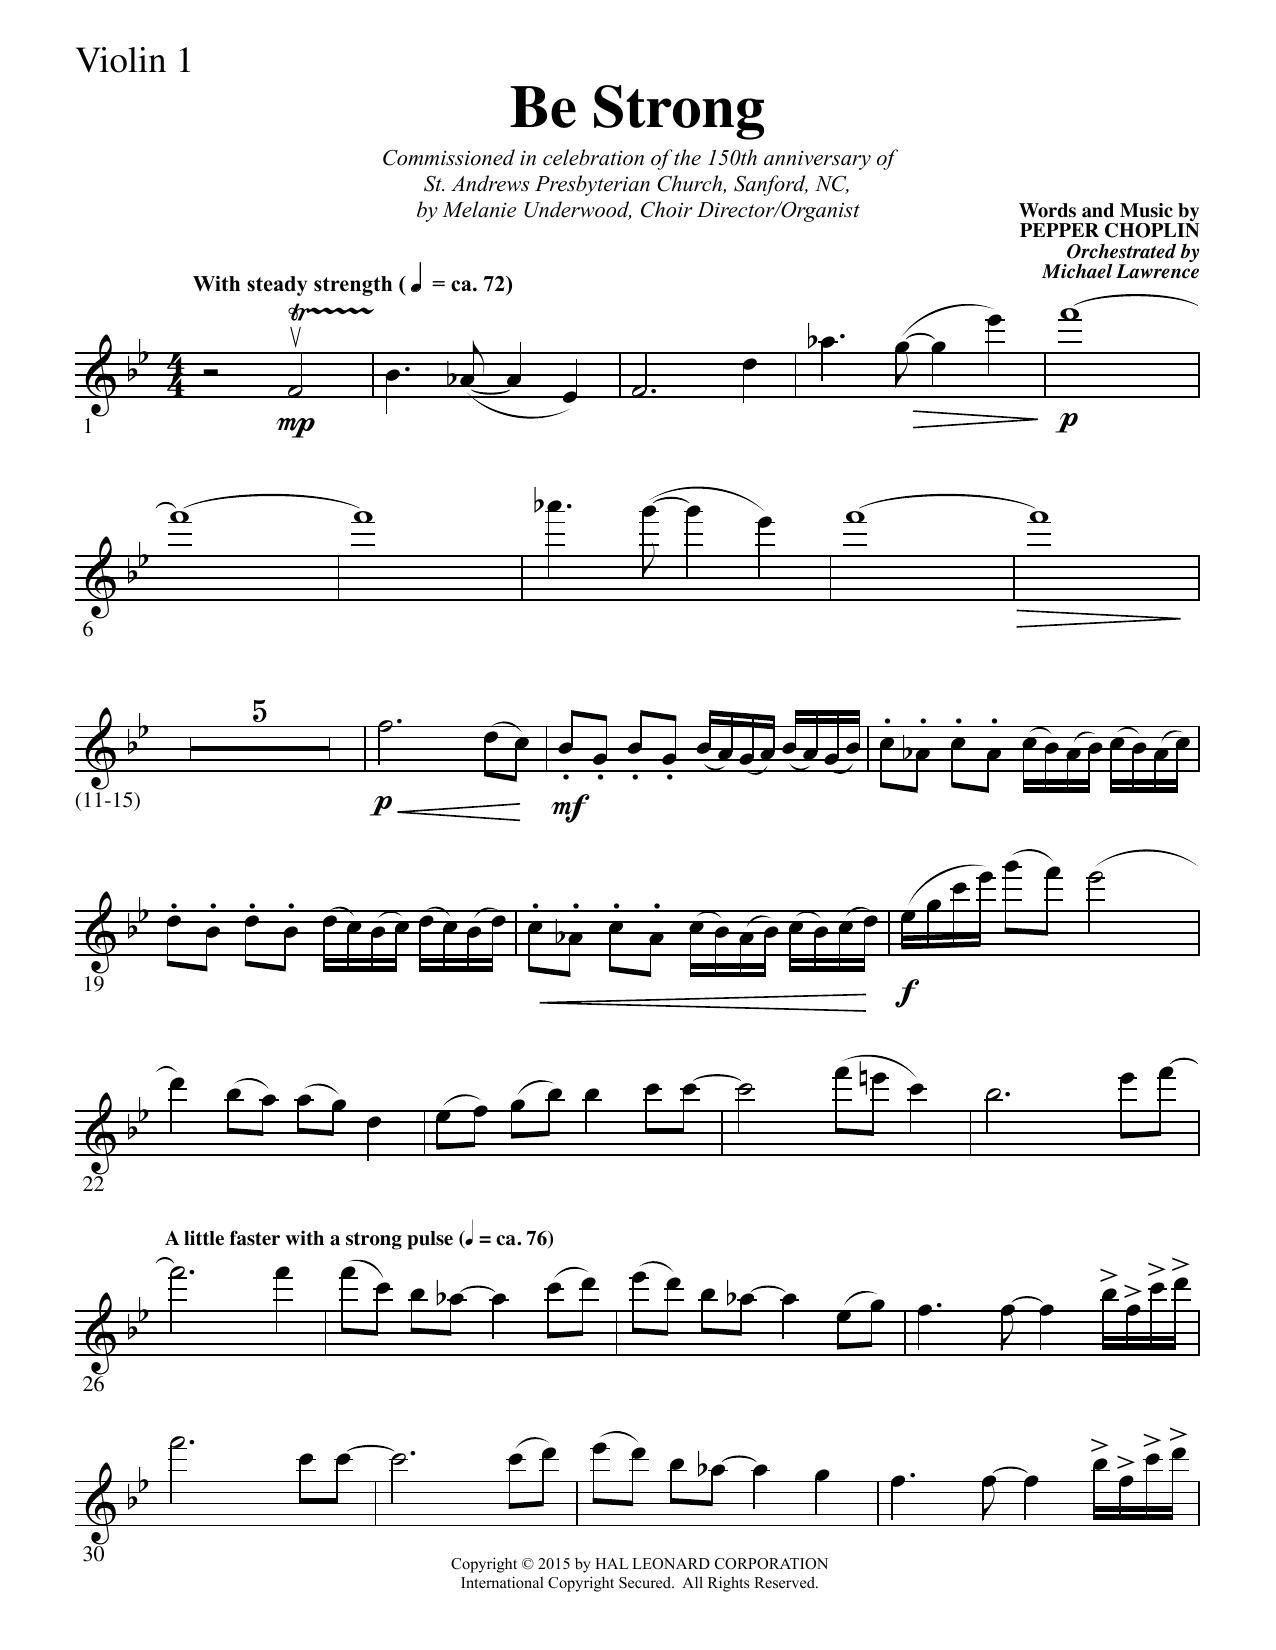 Be Strong - Violin 1 sheet music